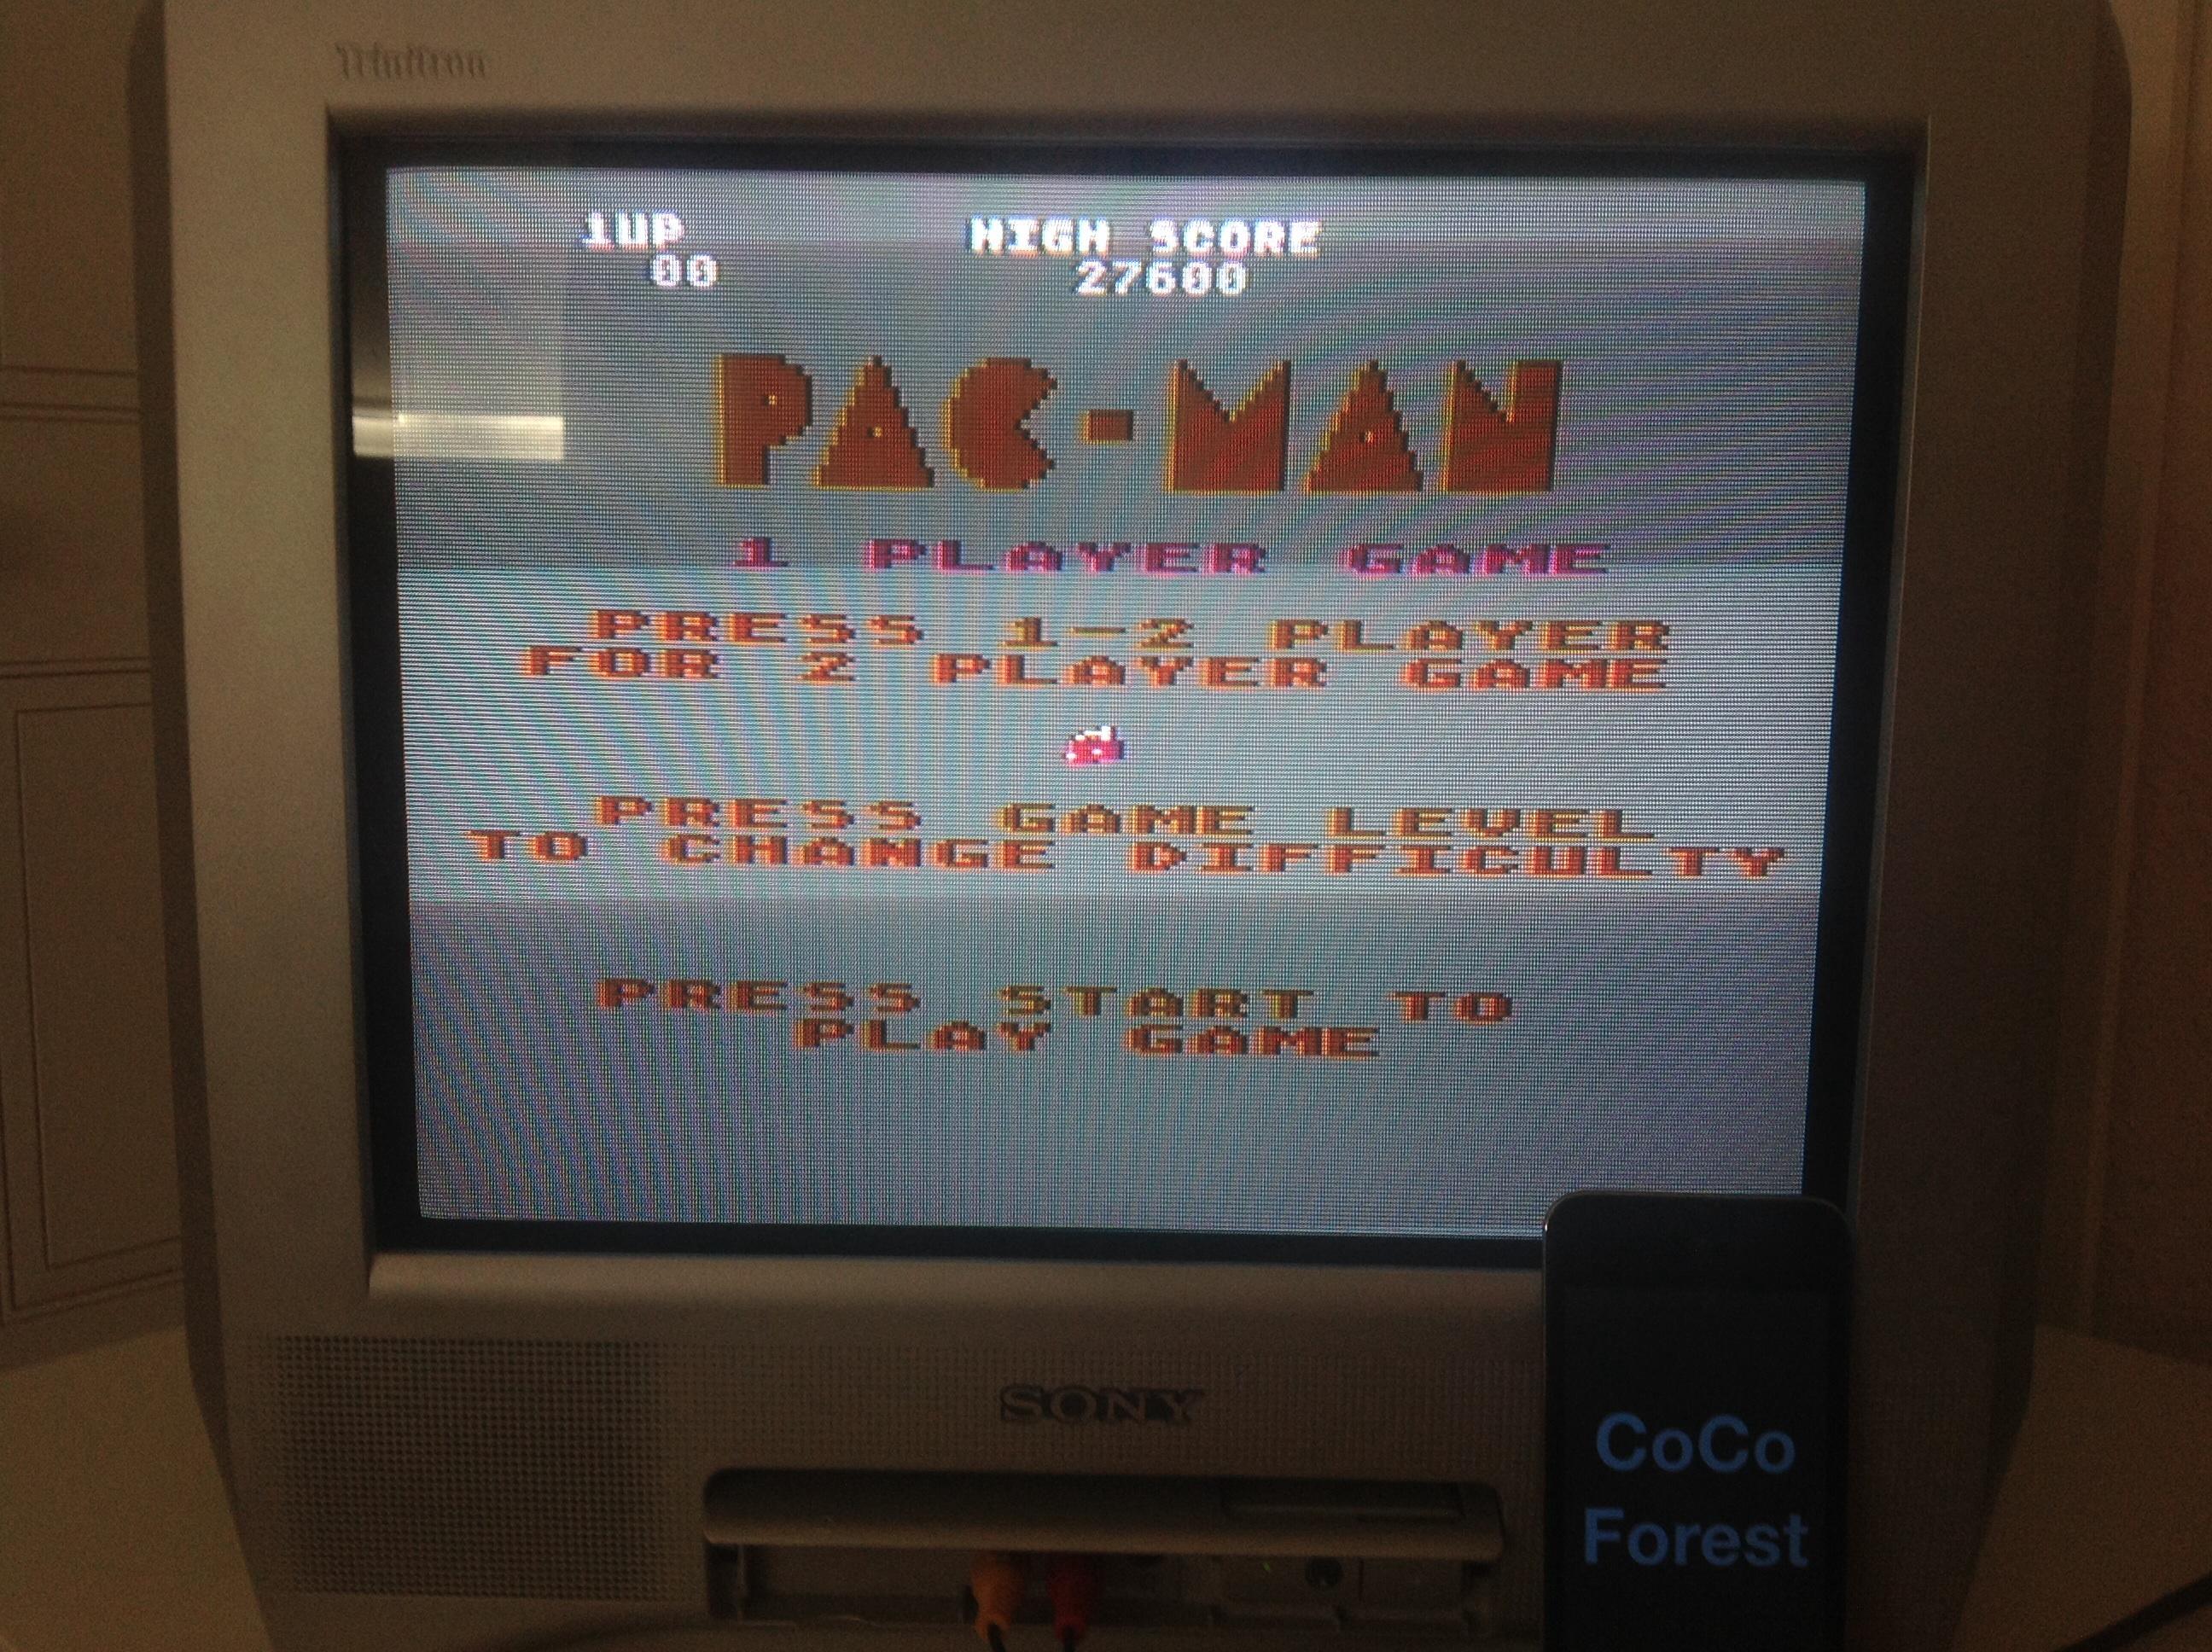 Pac-Man: Cherries Start 27,600 points